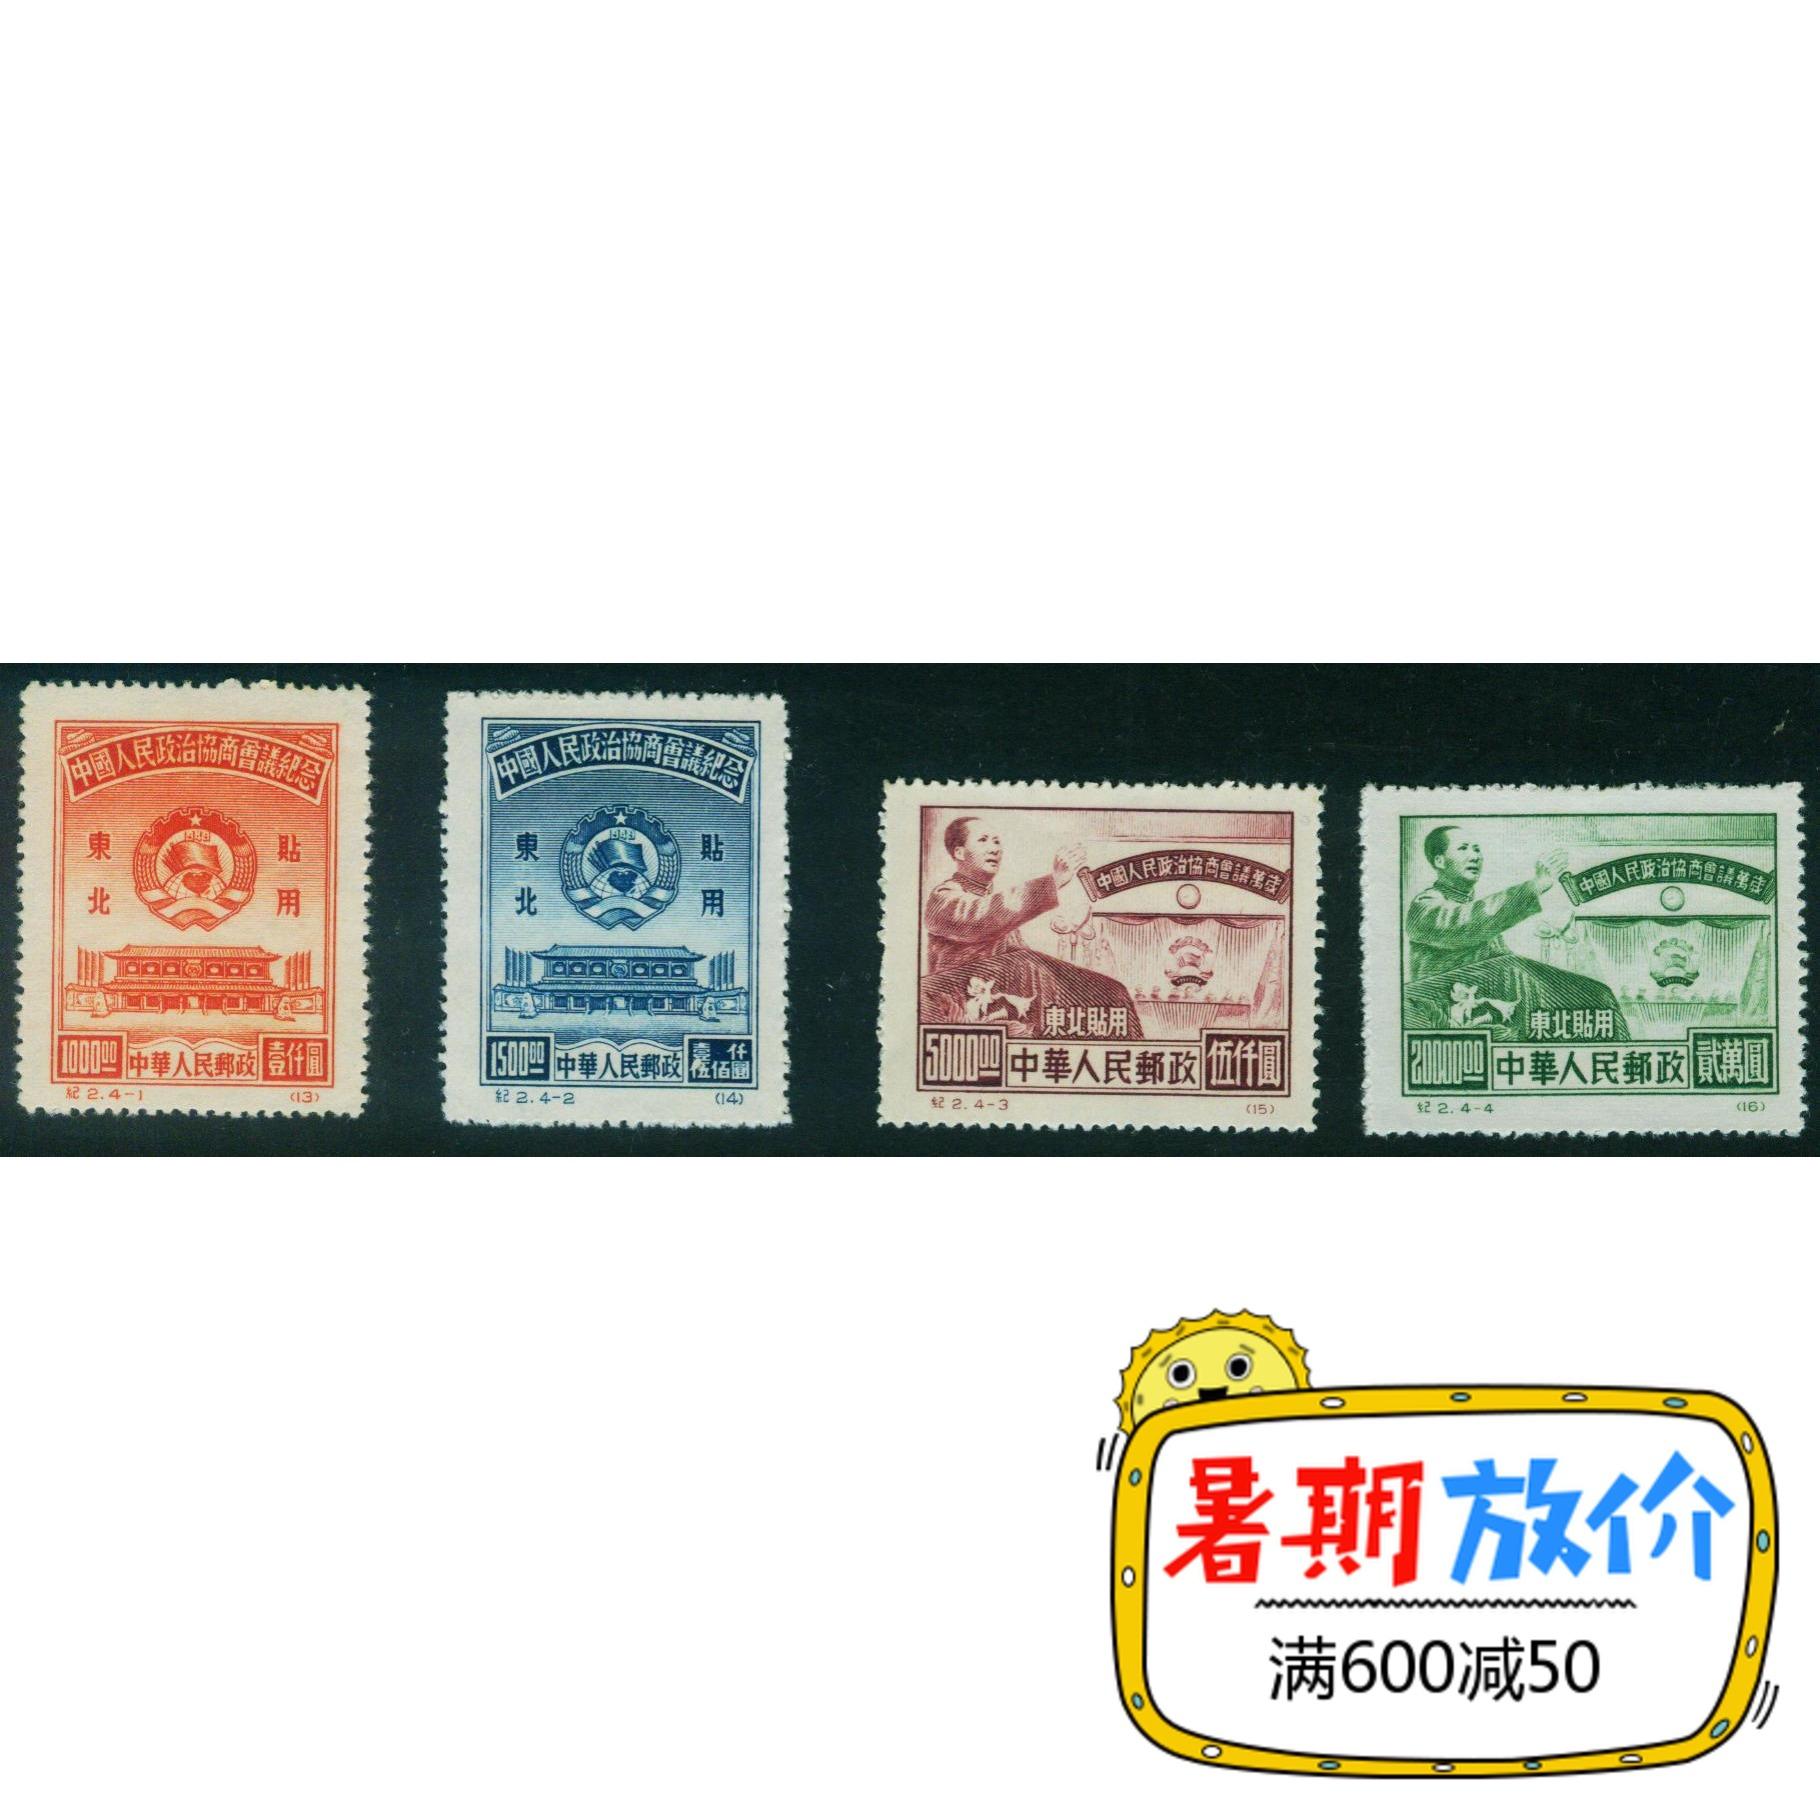 New Tem kỷ niệm Trung Quốc 2 Đông in lại CPPCC đông bắc Sticker Bộ hoàn chỉnh các bộ sưu tập sản phẩm mới lạ